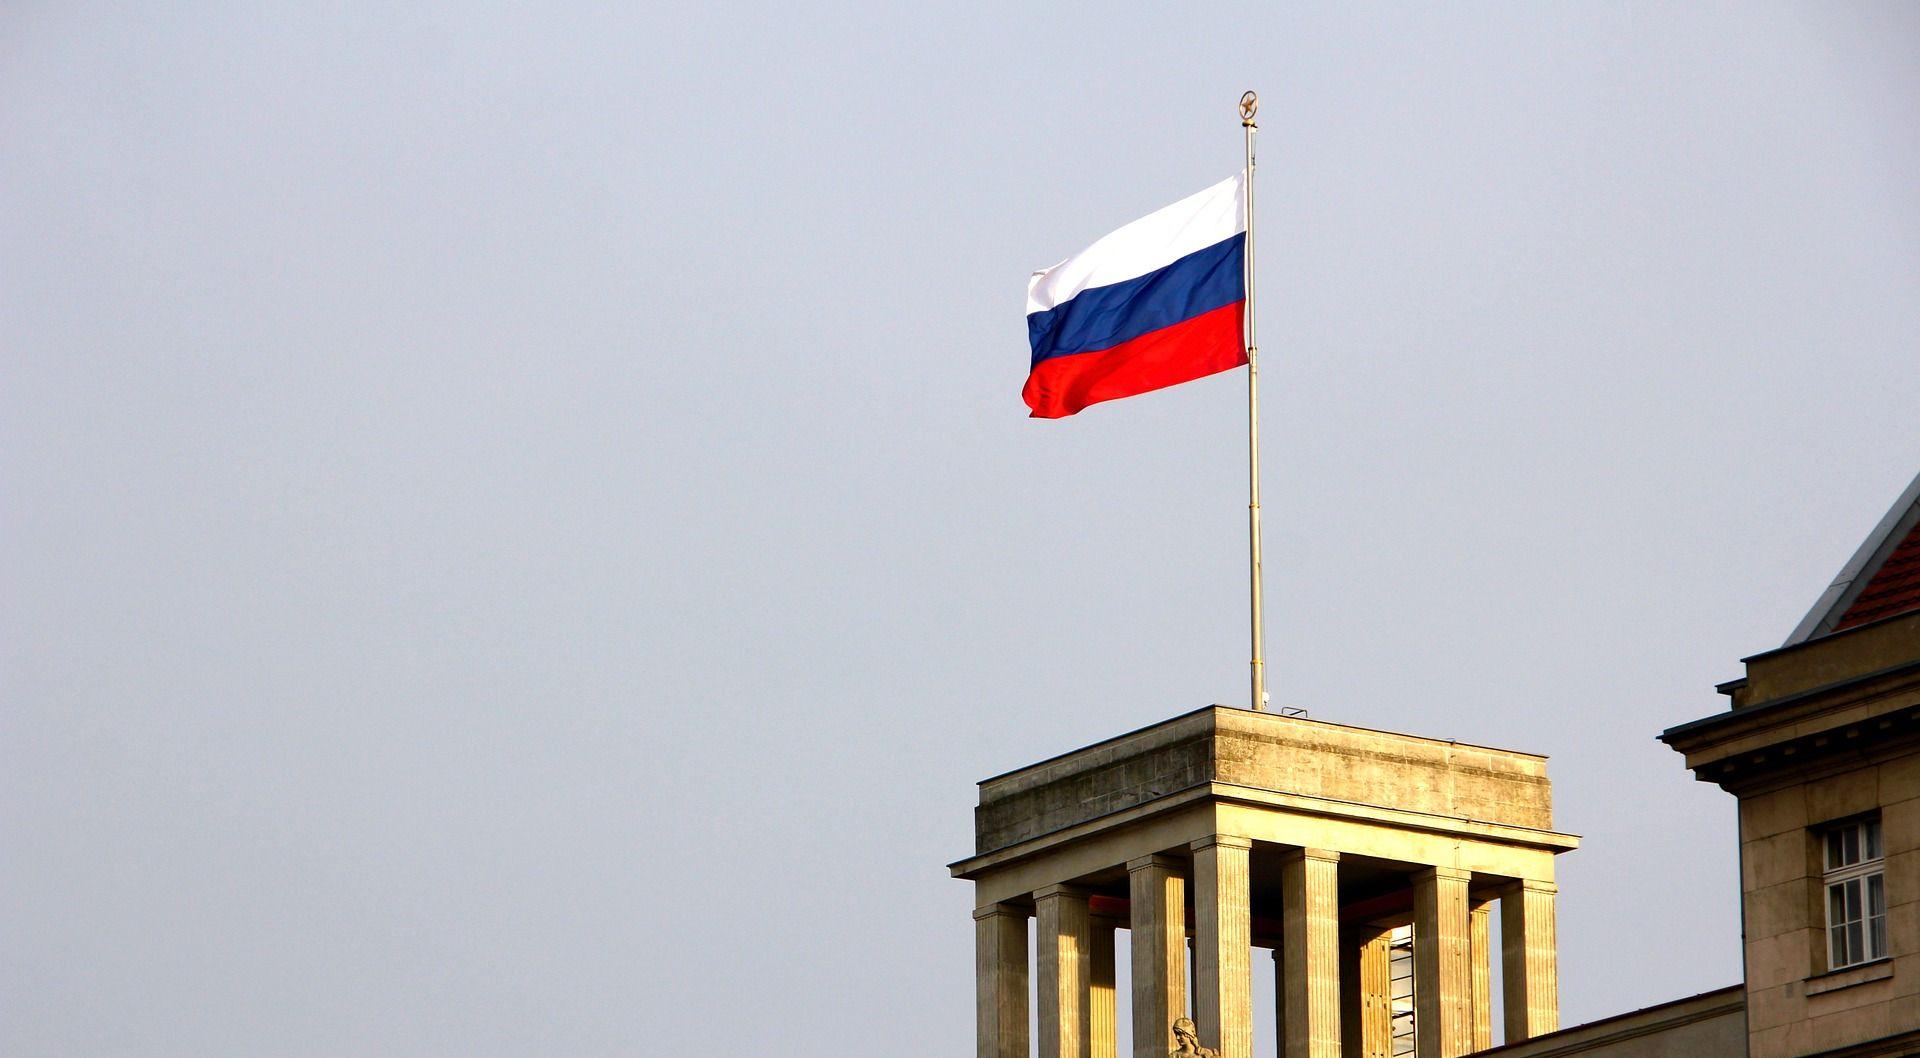 Rusija razmatra mogućnost priključenja Srbije na Turski tok